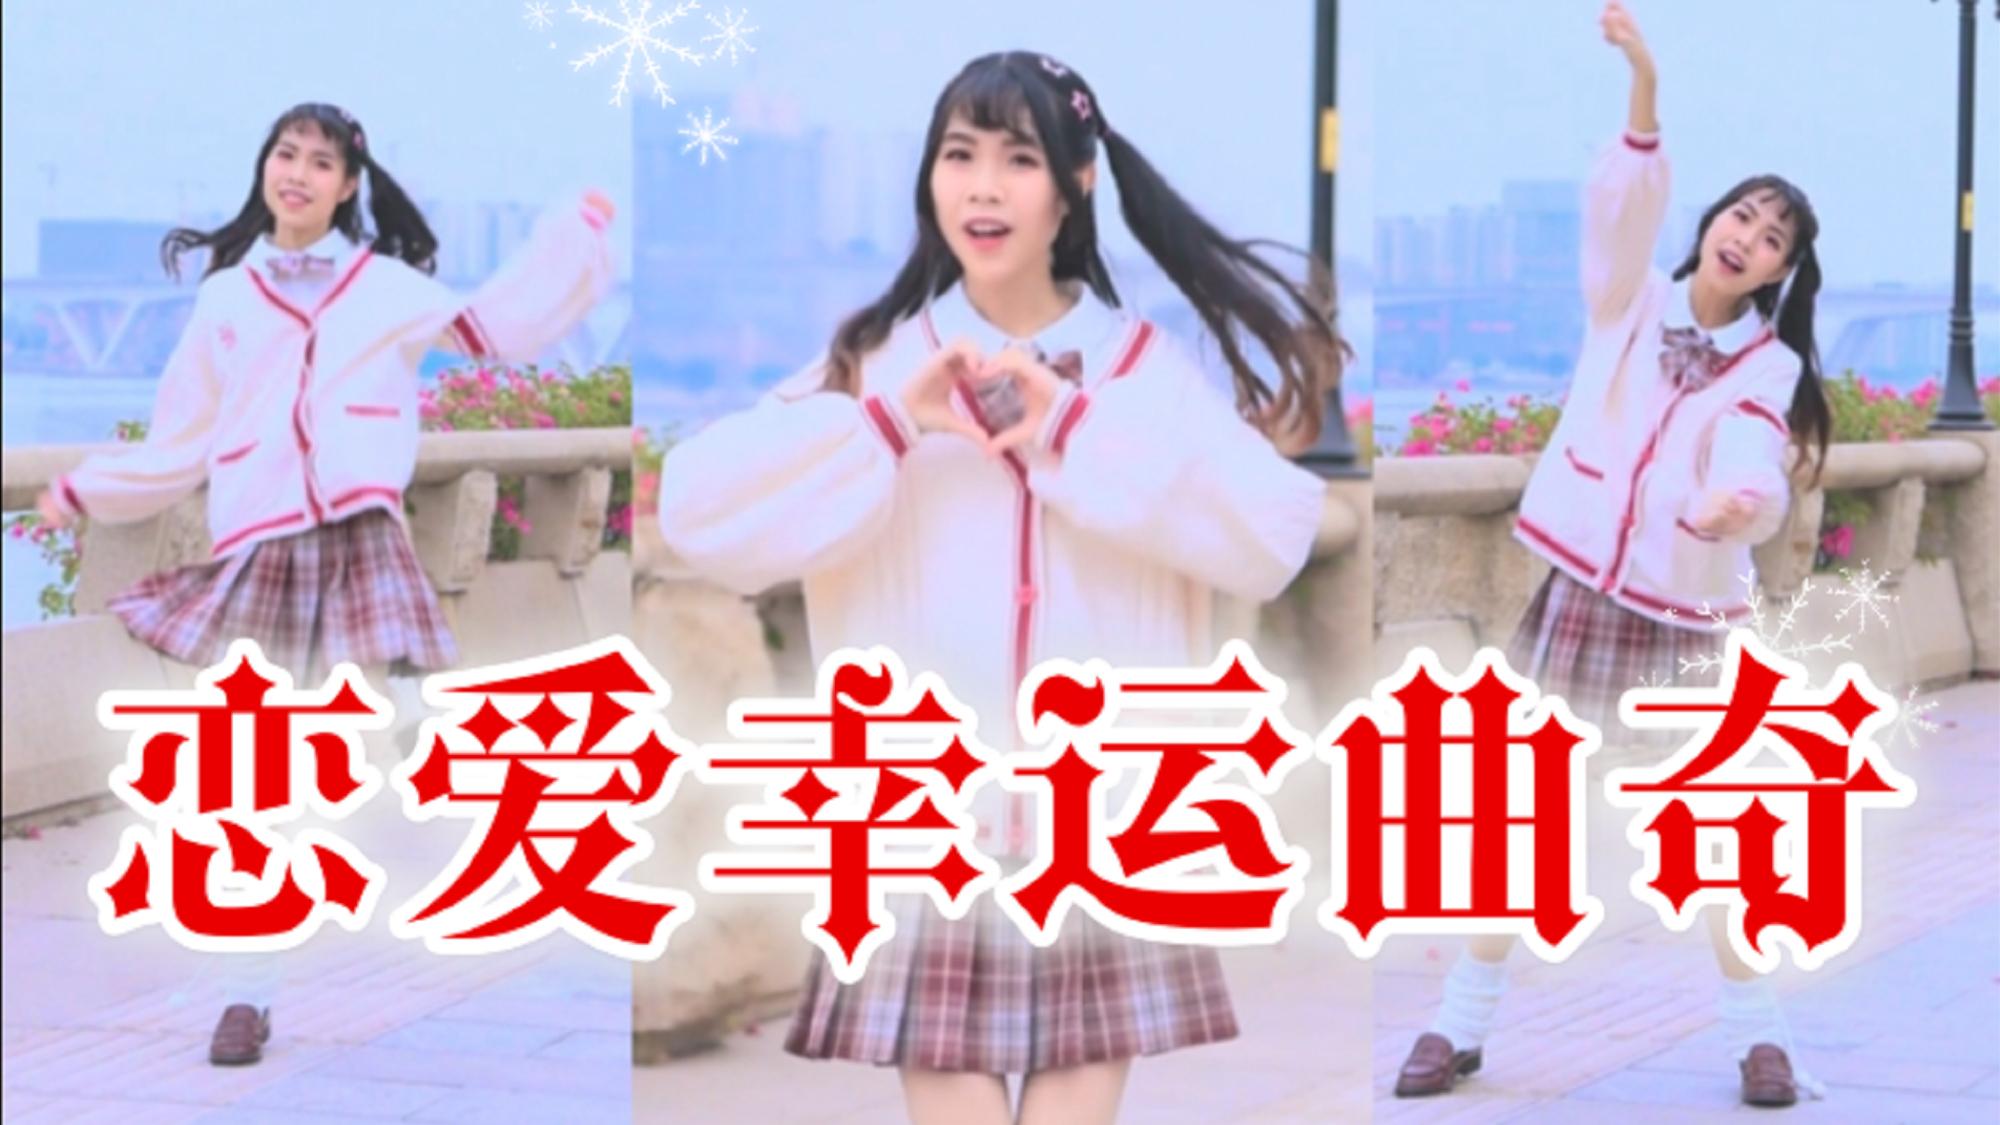 【出道上春晚】✧恋爱幸运曲奇✧你要来一口曲奇吗~